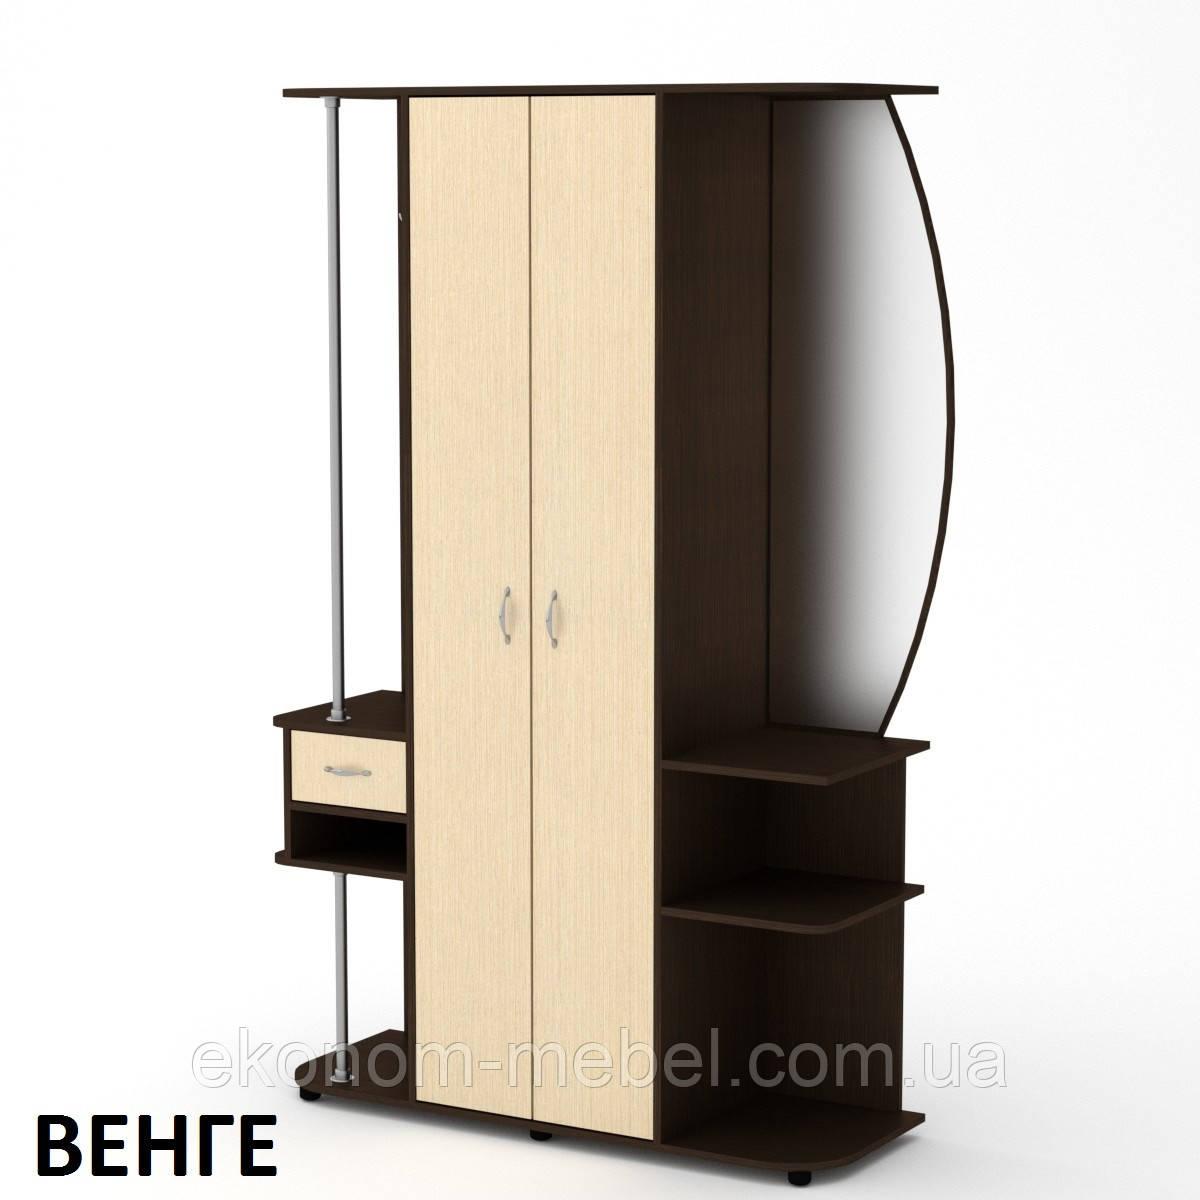 Прихожая Елена  небольшая с зеркалом и шкафом Одесса